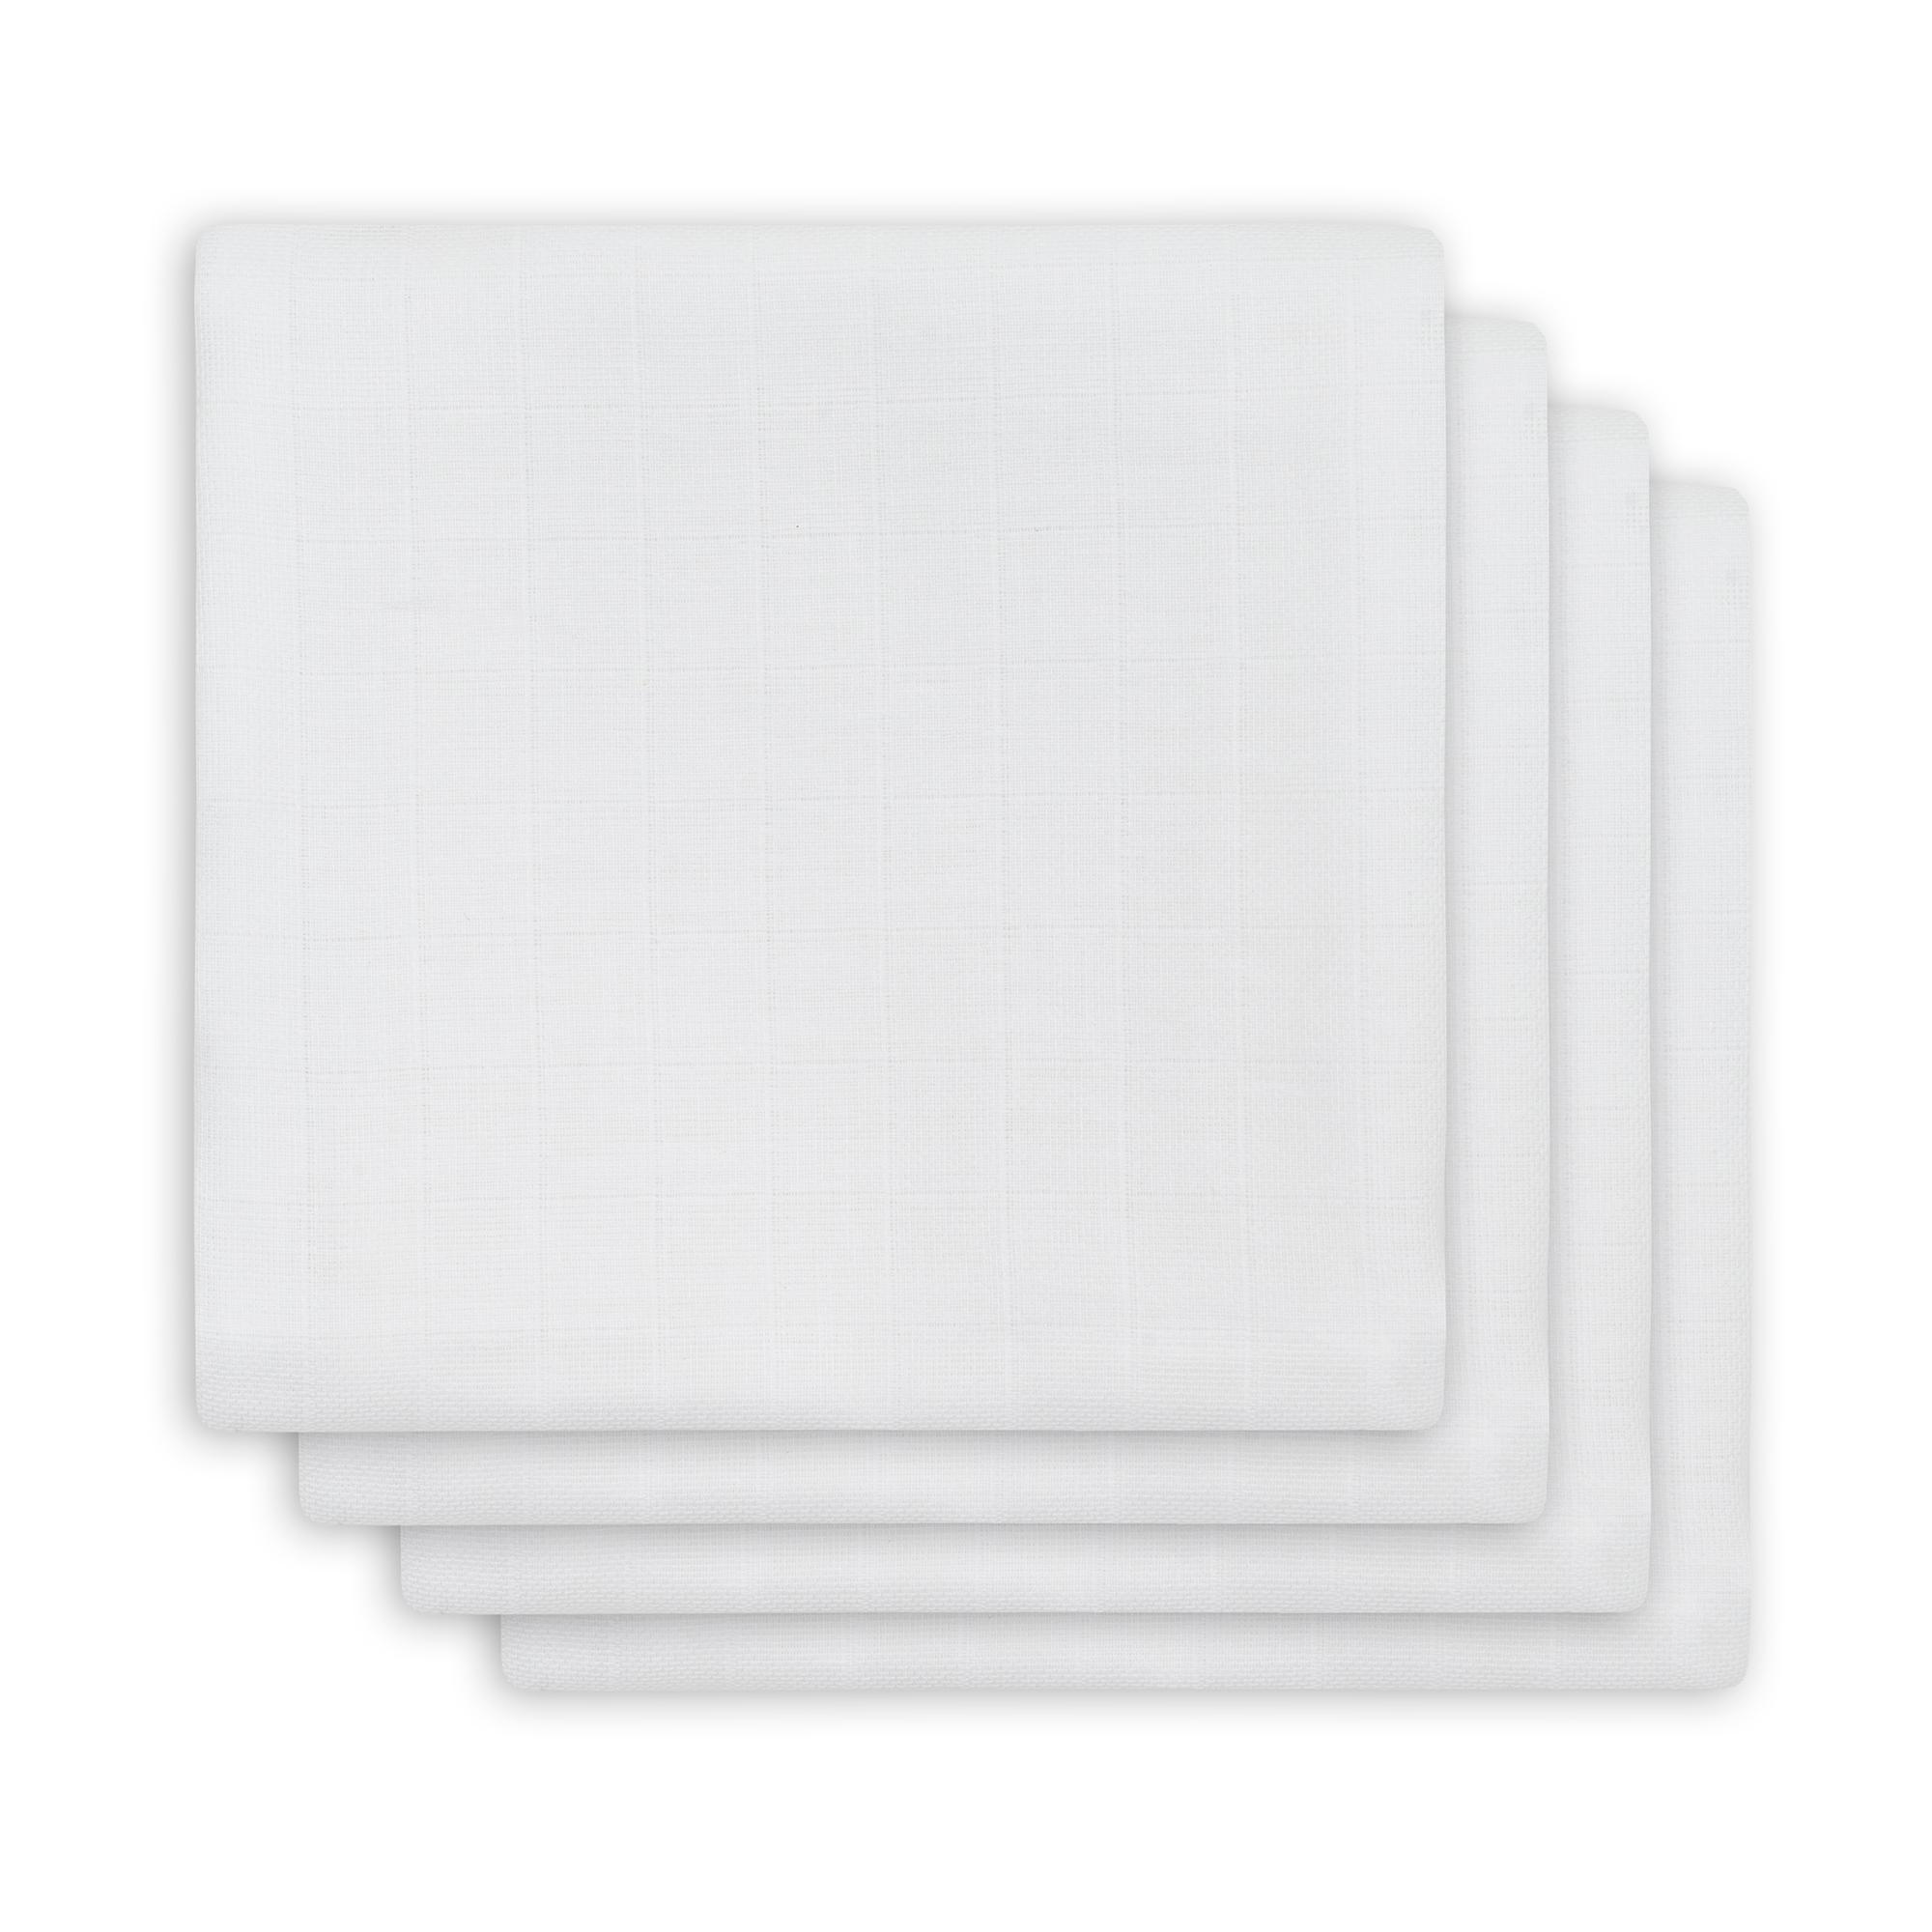 Mulltücher Bambus 4er Set weiß (Gr. 70x70 cm)